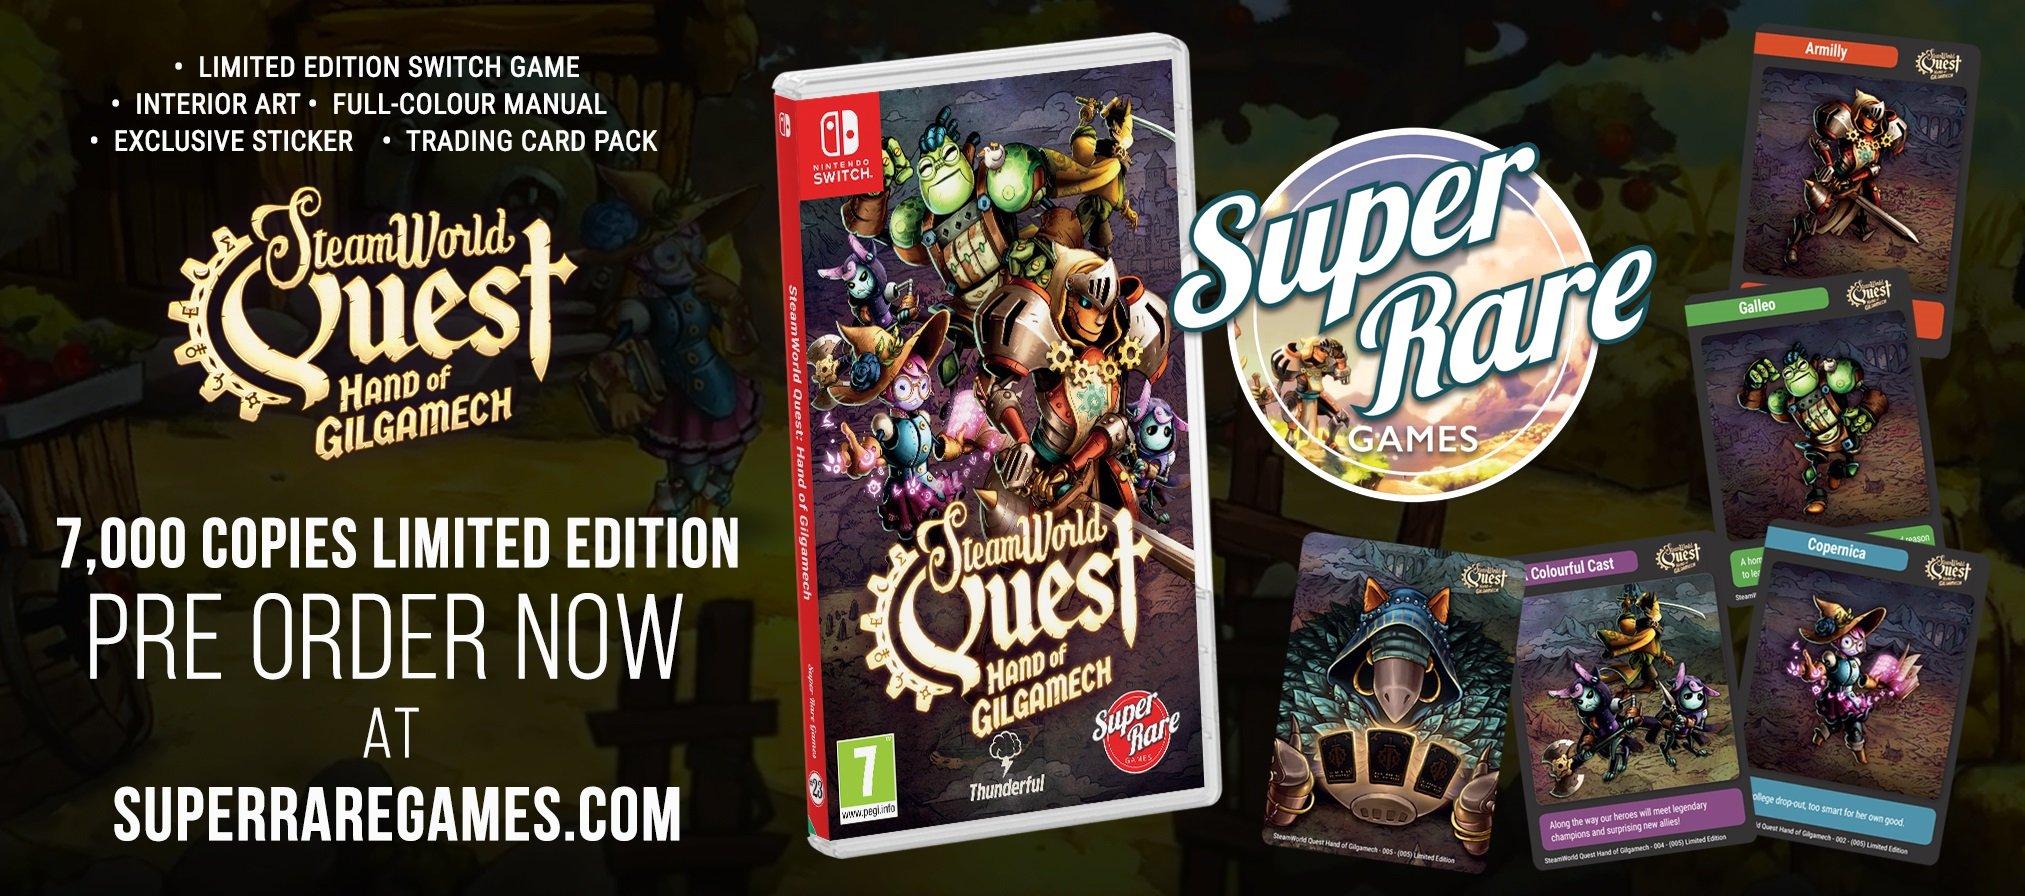 SteamWorld Quest Switch contest Super Rare Games